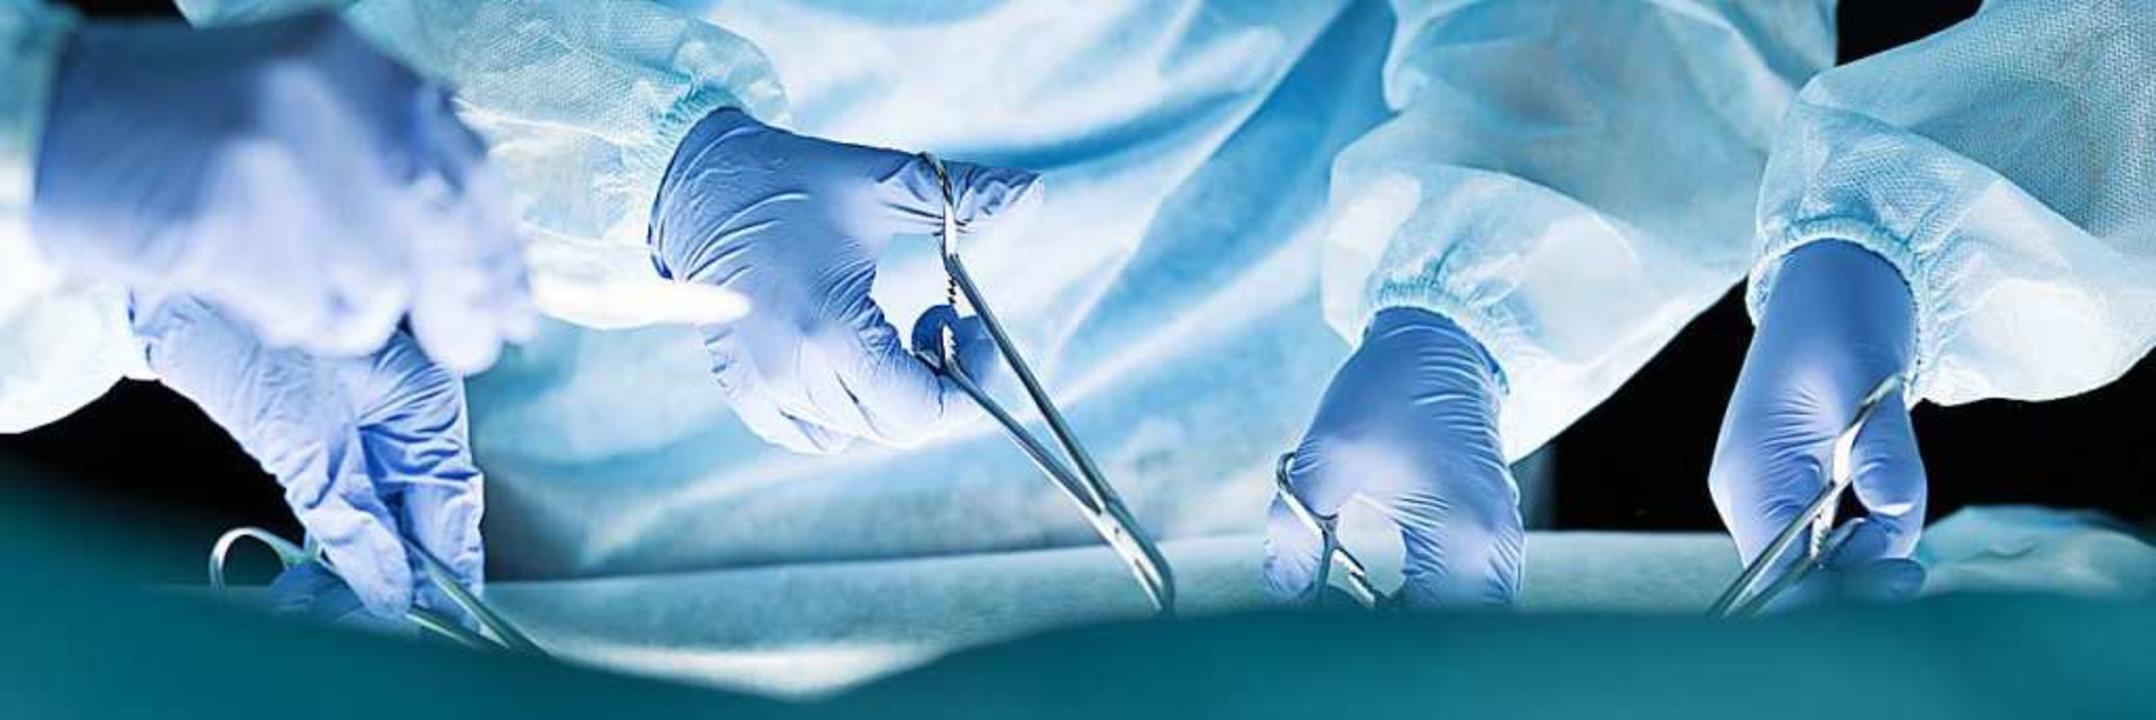 Forschende des Projekts Miracle wollen...ie Bedürfnisse der Patienten anpassen.  | Foto: Liudmila Dutko / stock.adobe.com